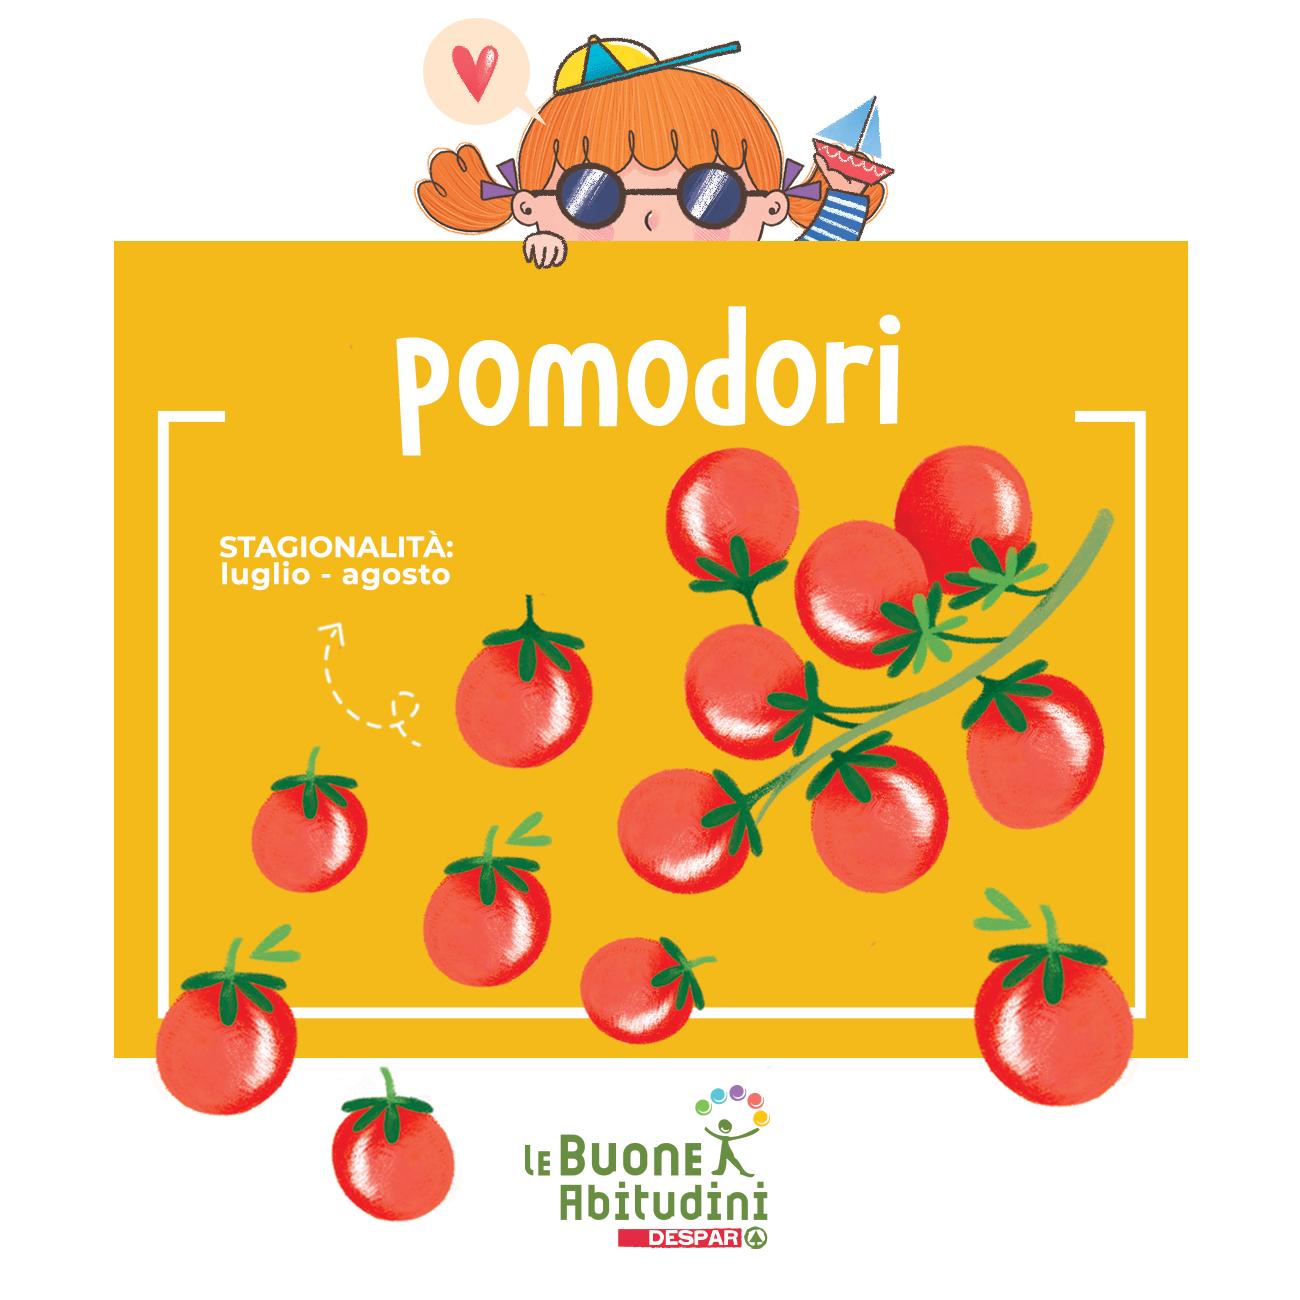 Pomodori: un carico di antiossidanti!